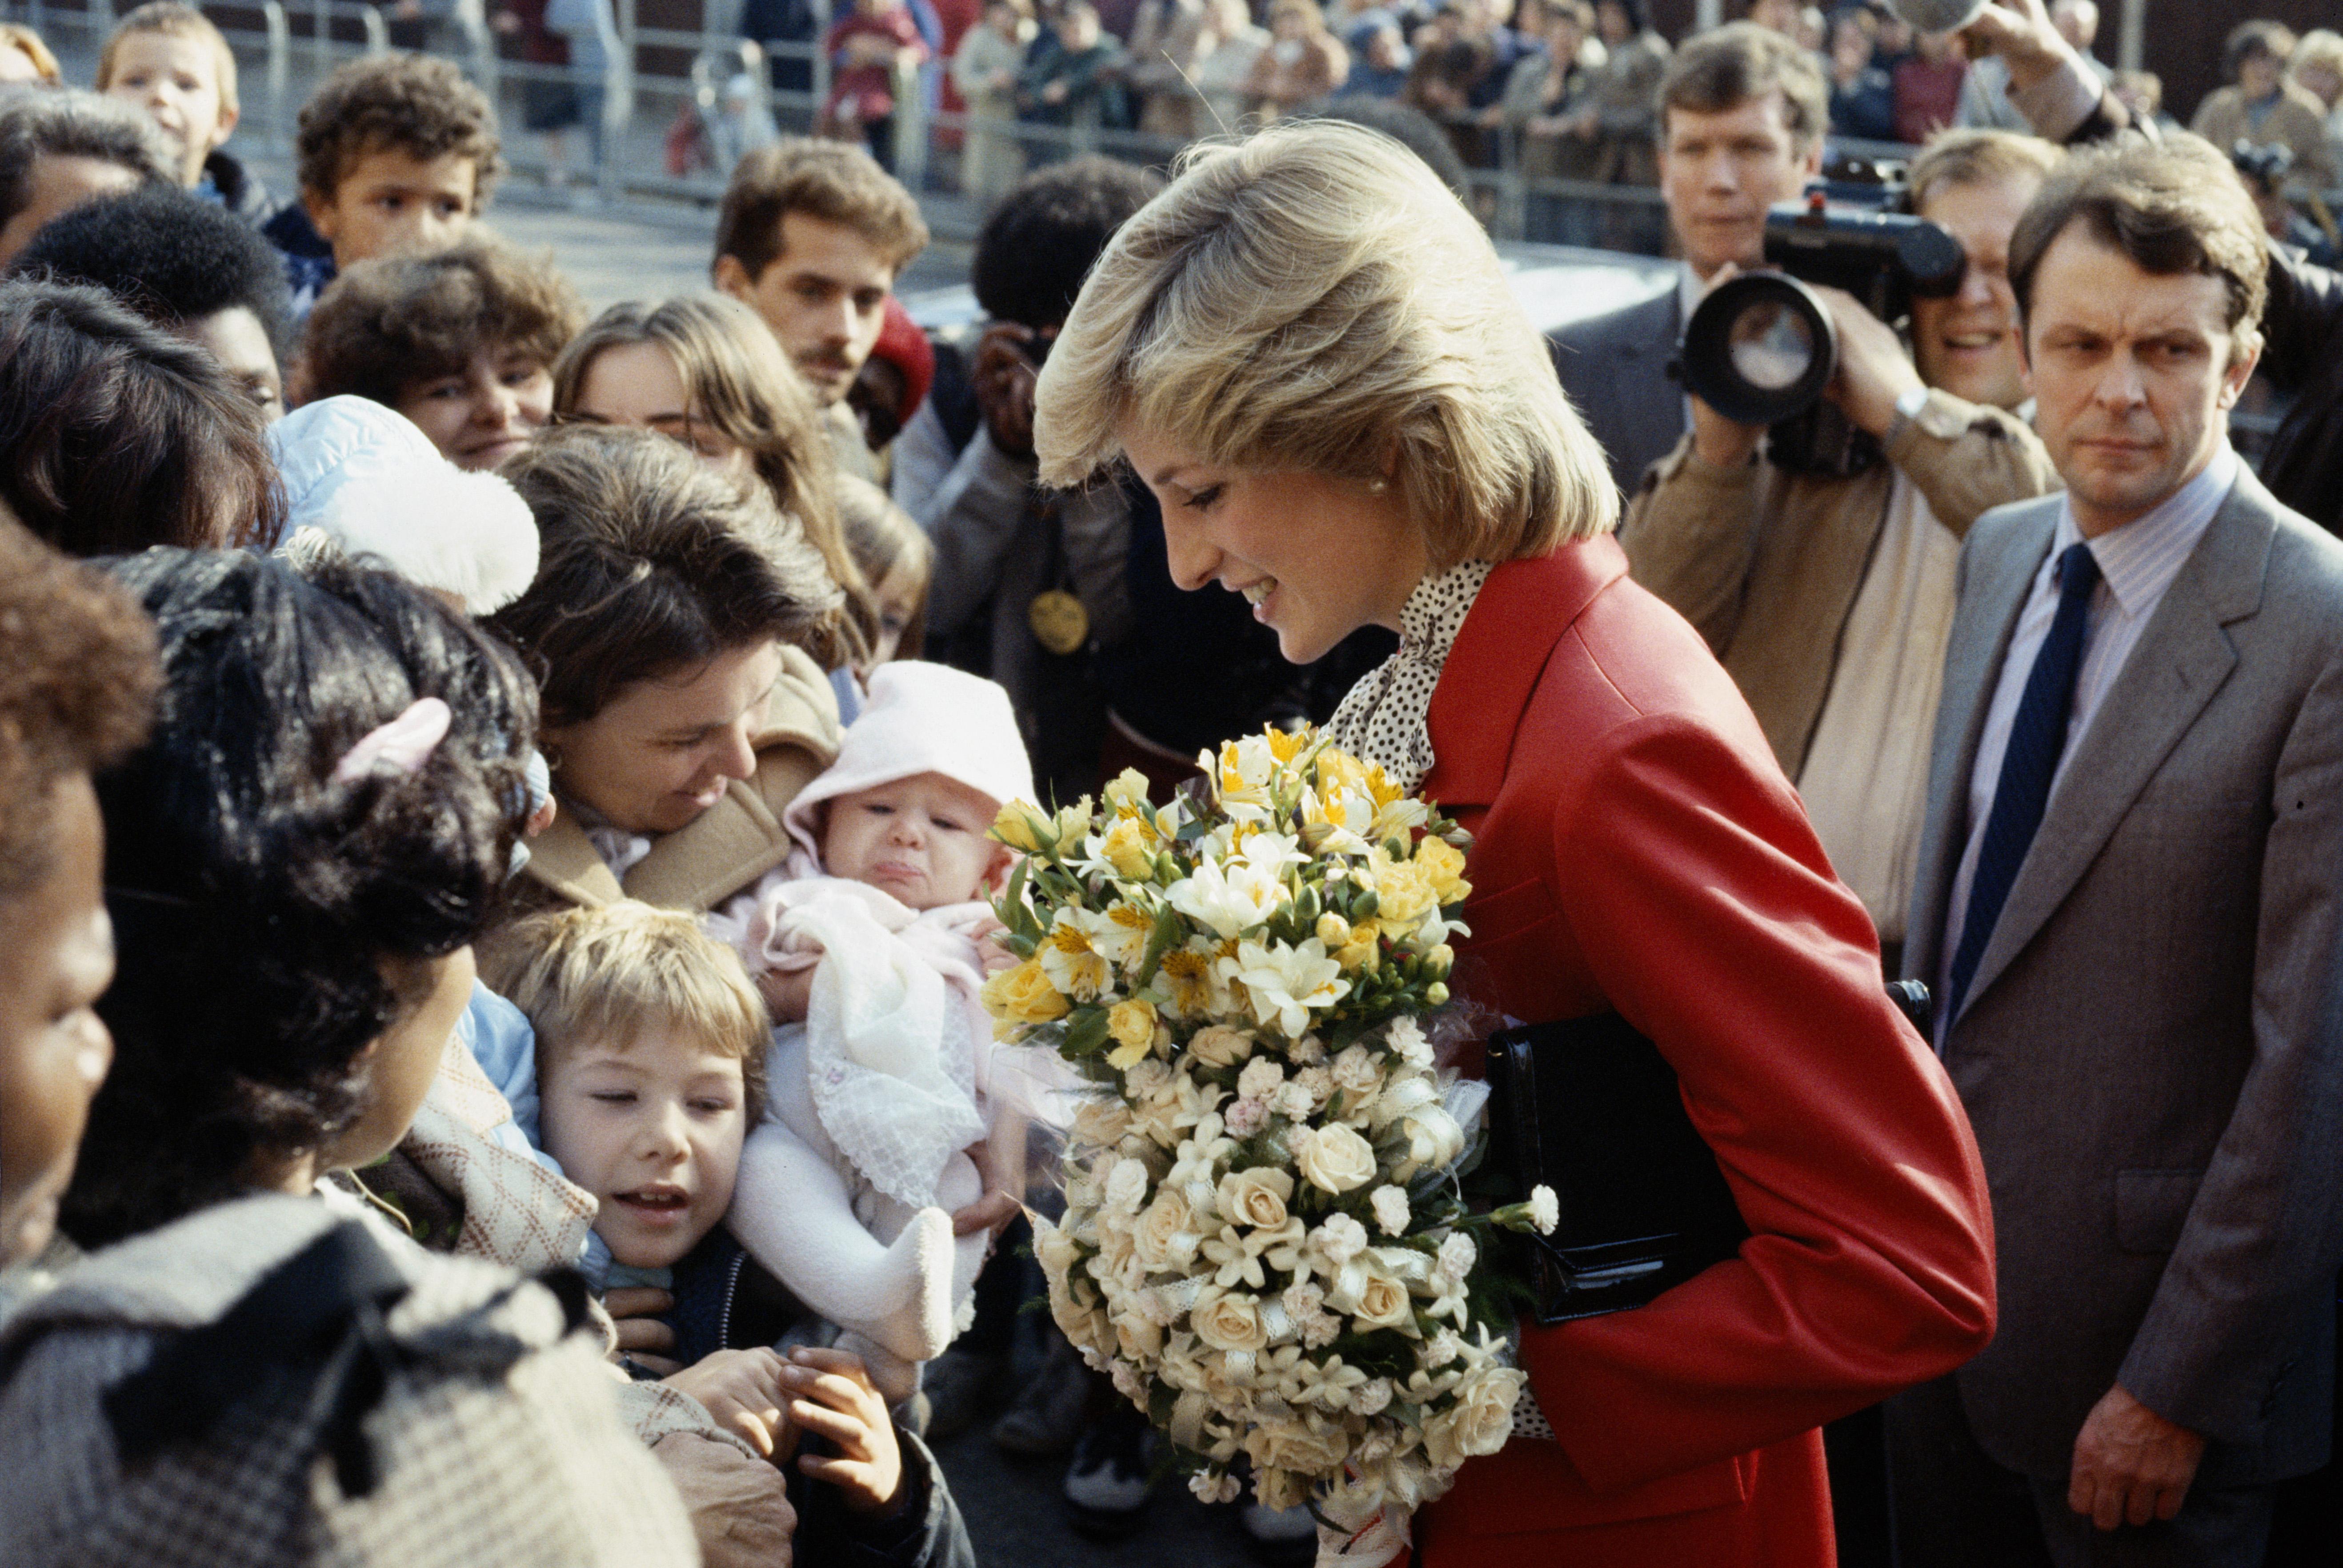 Η πριγκίπισσα Diana έκοβε τα μαλλιά της ένα πόντο κάθε φορά ώστε να μην το καταλαβαίνουν! | tlife.gr